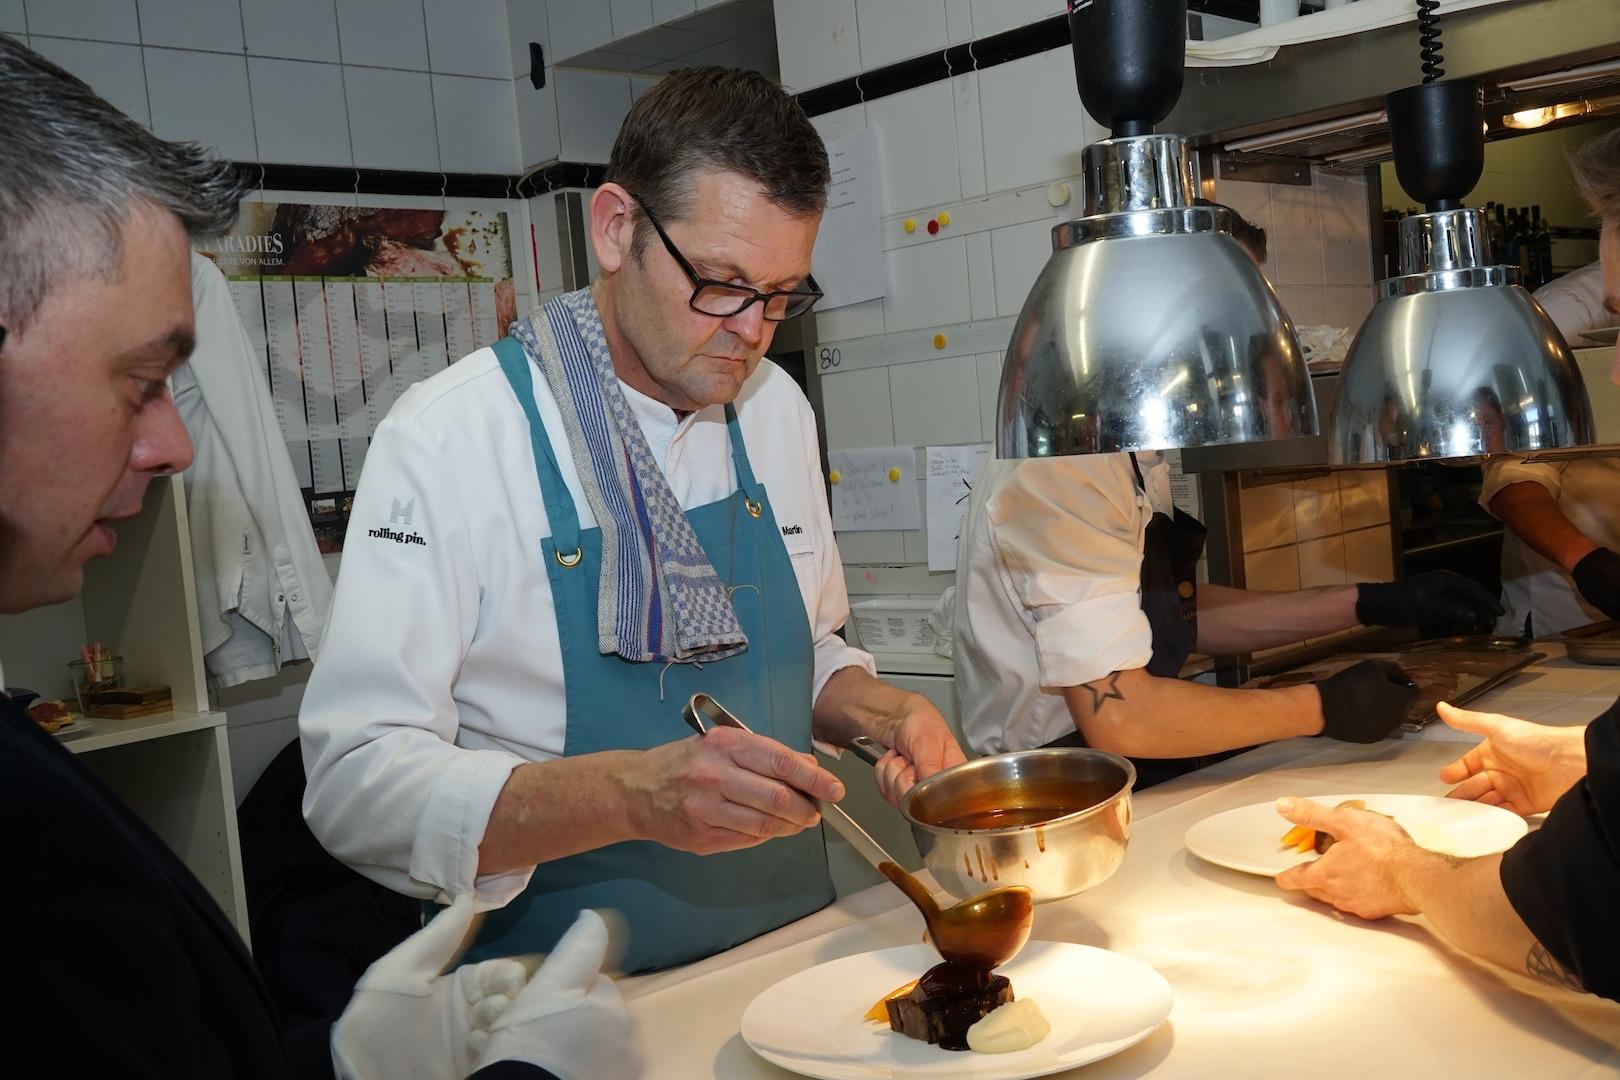 Die Saucen von 2 Sterne Koch Thomas Martin genießen einen fast legendären Ruf. Hier schauen wir ihm bei dem Teller-Finish des Hauptgangs über die Schulter